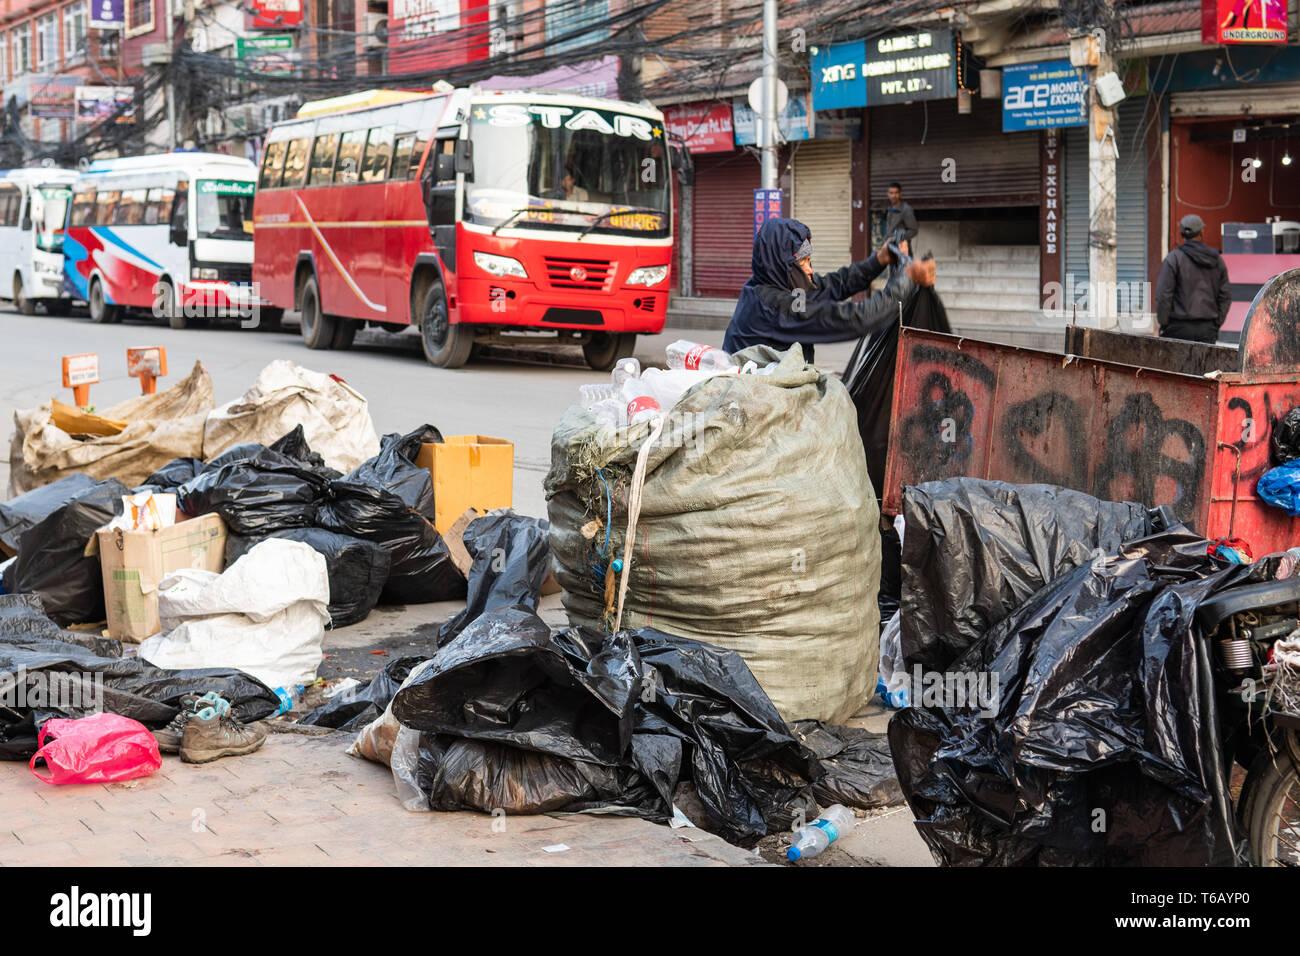 Kathmandu, Nepal - April 20th, 2019 - Garbage Collector Sortieren durch Berge von Müll in den frühen Morgenstunden auf der Straße. Stockbild